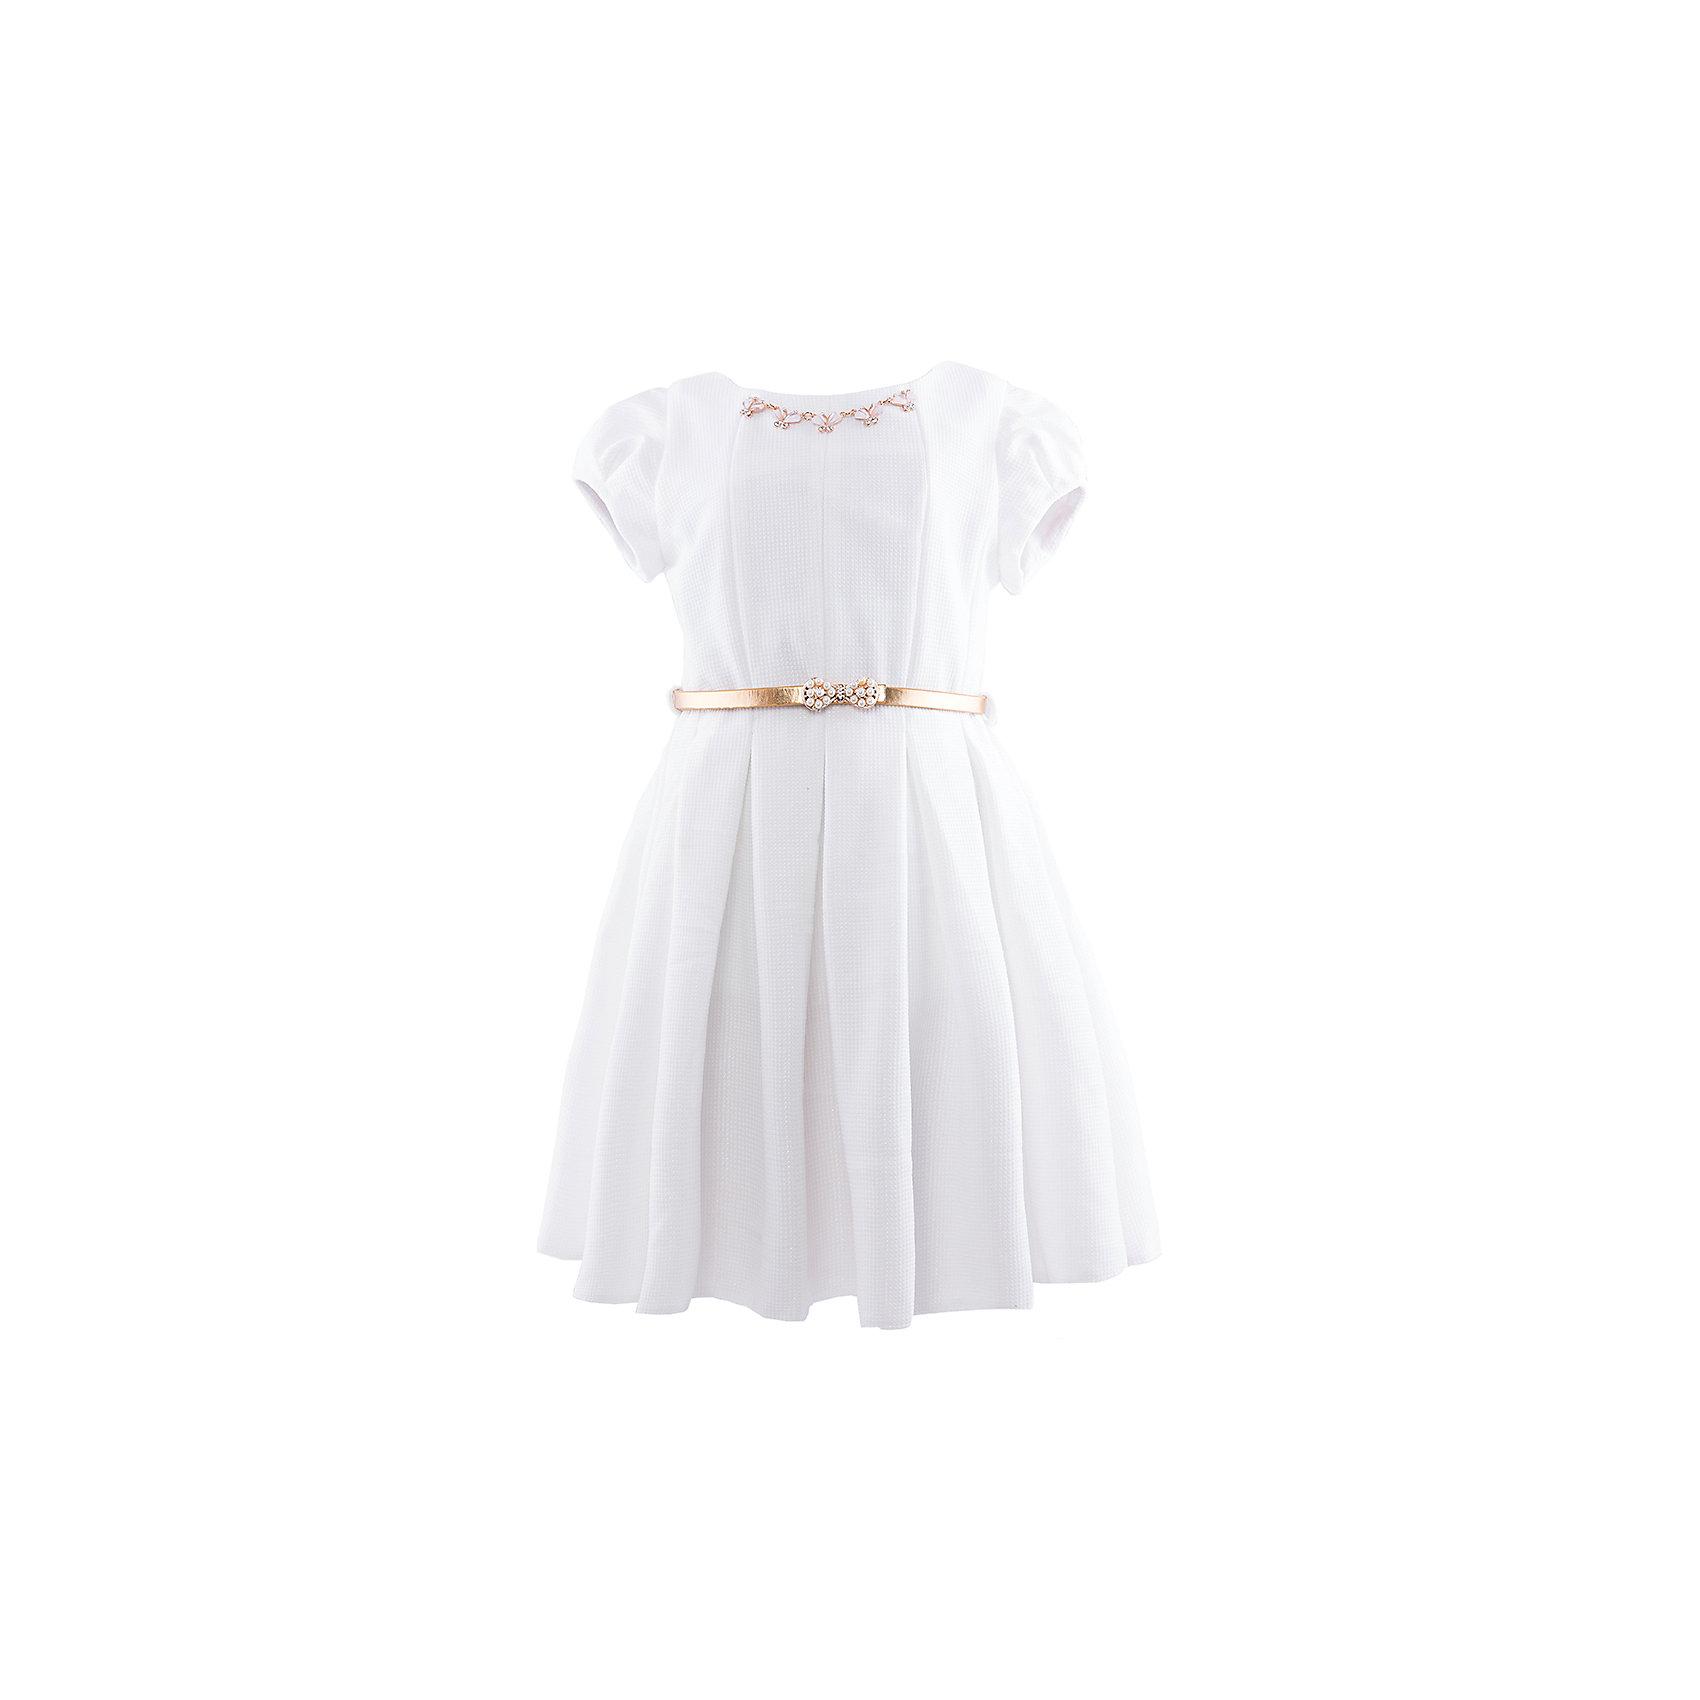 Нарядное платье ВенераНарядное платье для девочки. Платье с золотым поясом, и бусами со стразами.  50% полиэстр, 50% хлопок<br><br>Ширина мм: 236<br>Глубина мм: 16<br>Высота мм: 184<br>Вес г: 177<br>Цвет: белый<br>Возраст от месяцев: 48<br>Возраст до месяцев: 60<br>Пол: Женский<br>Возраст: Детский<br>Размер: 104/110,110/116,116/122,122/128<br>SKU: 4452447